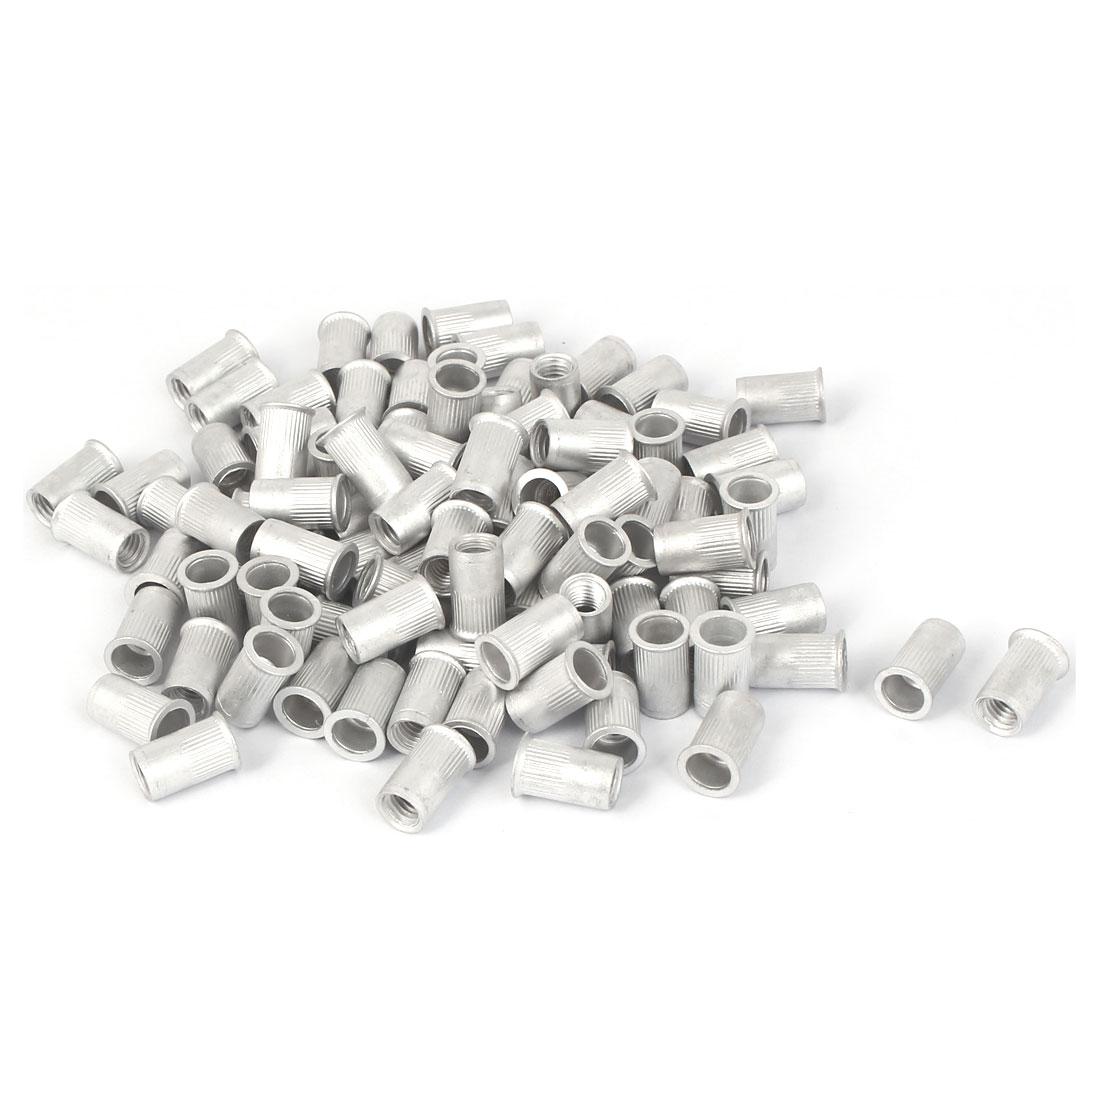 M5x12mm Aluminum Straight Knurled Reduced Head Rivet Nut 100pcs